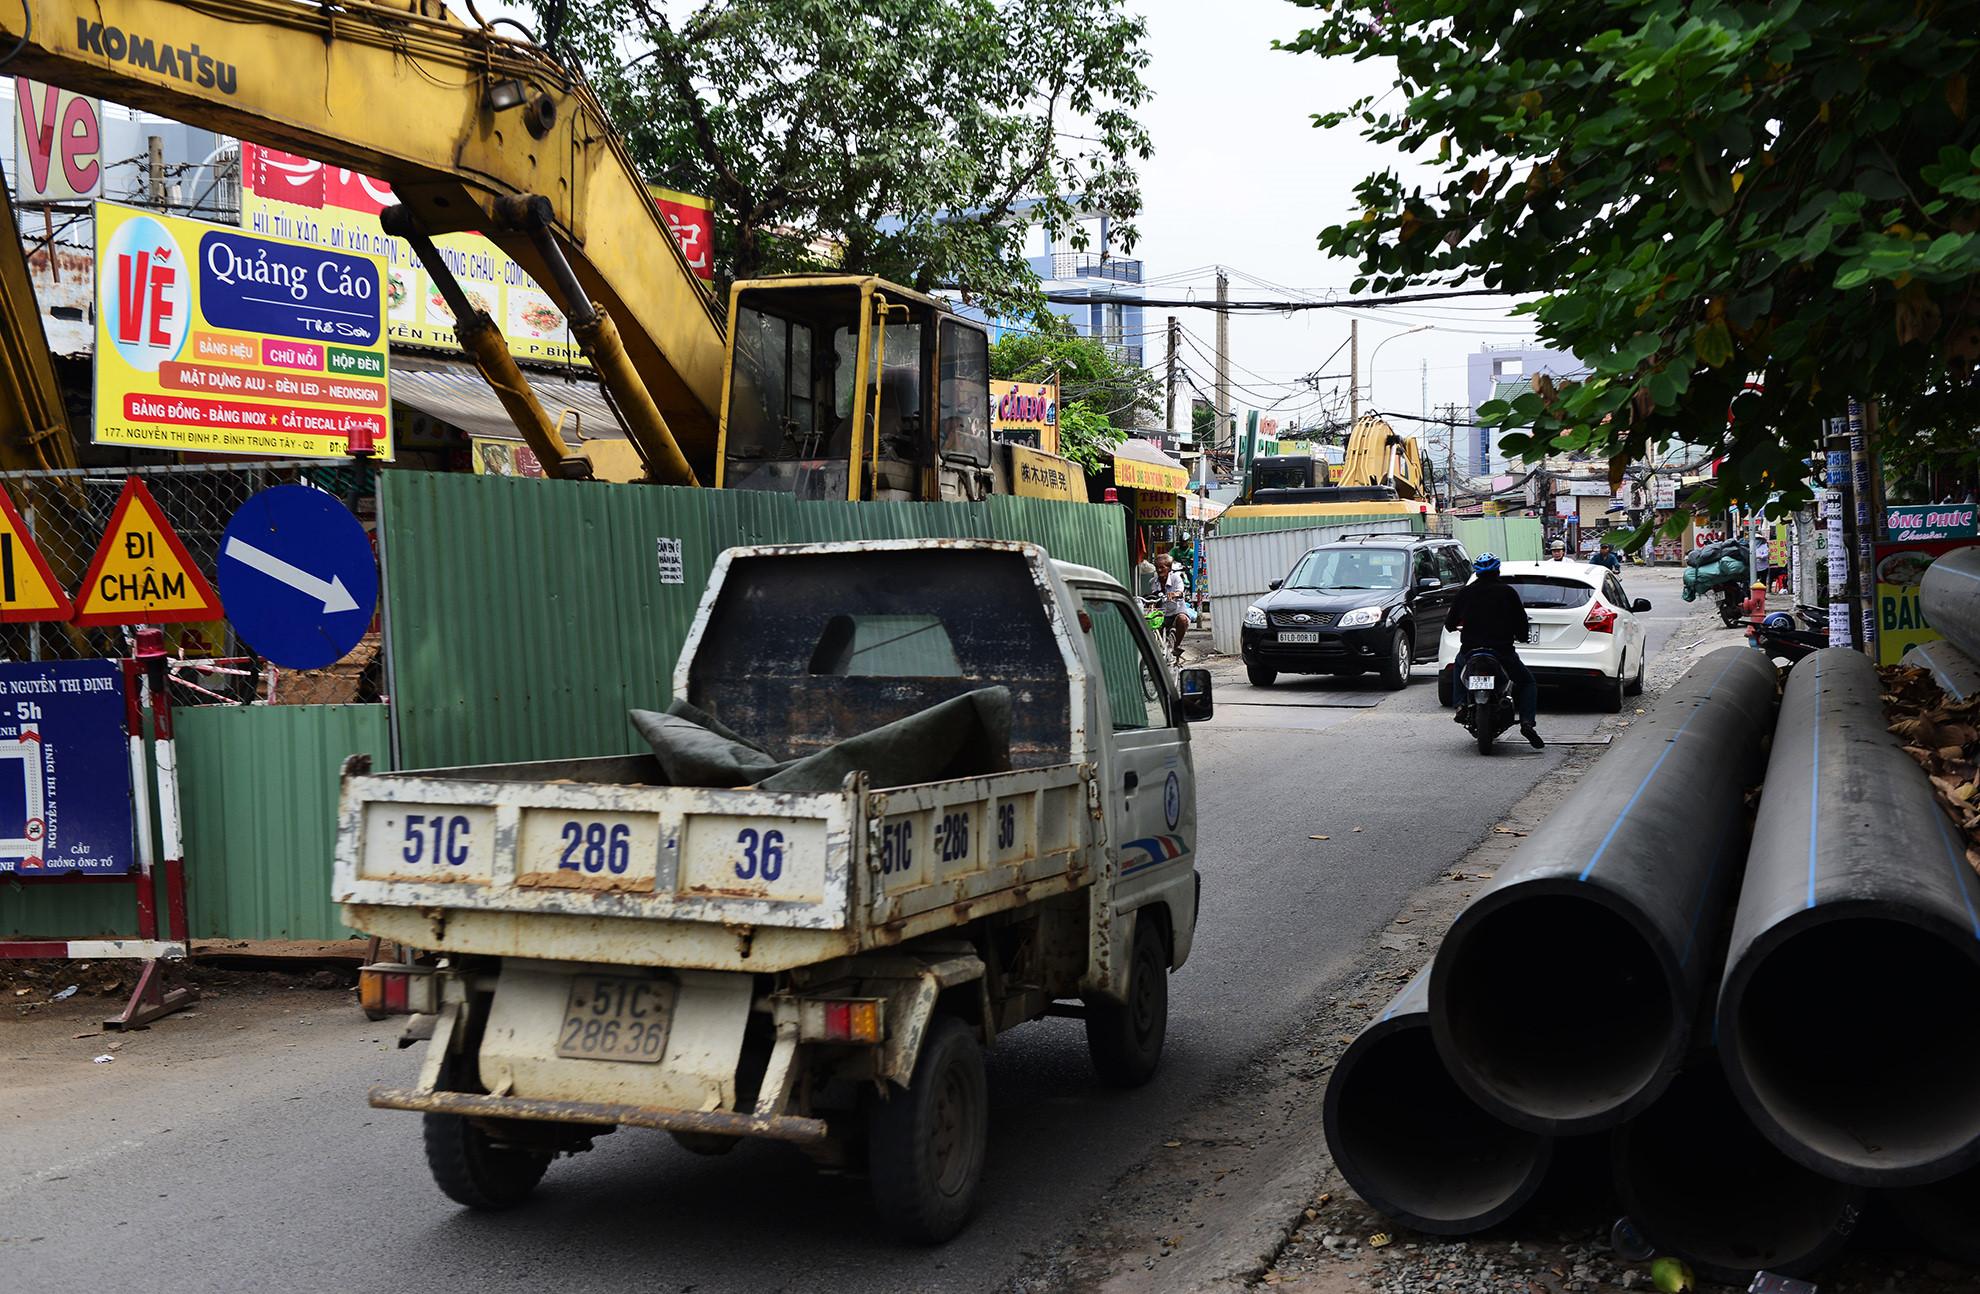 Cuối năm, lô cốt lại mọc lên khắp đường Sài Gòn Ảnh 12